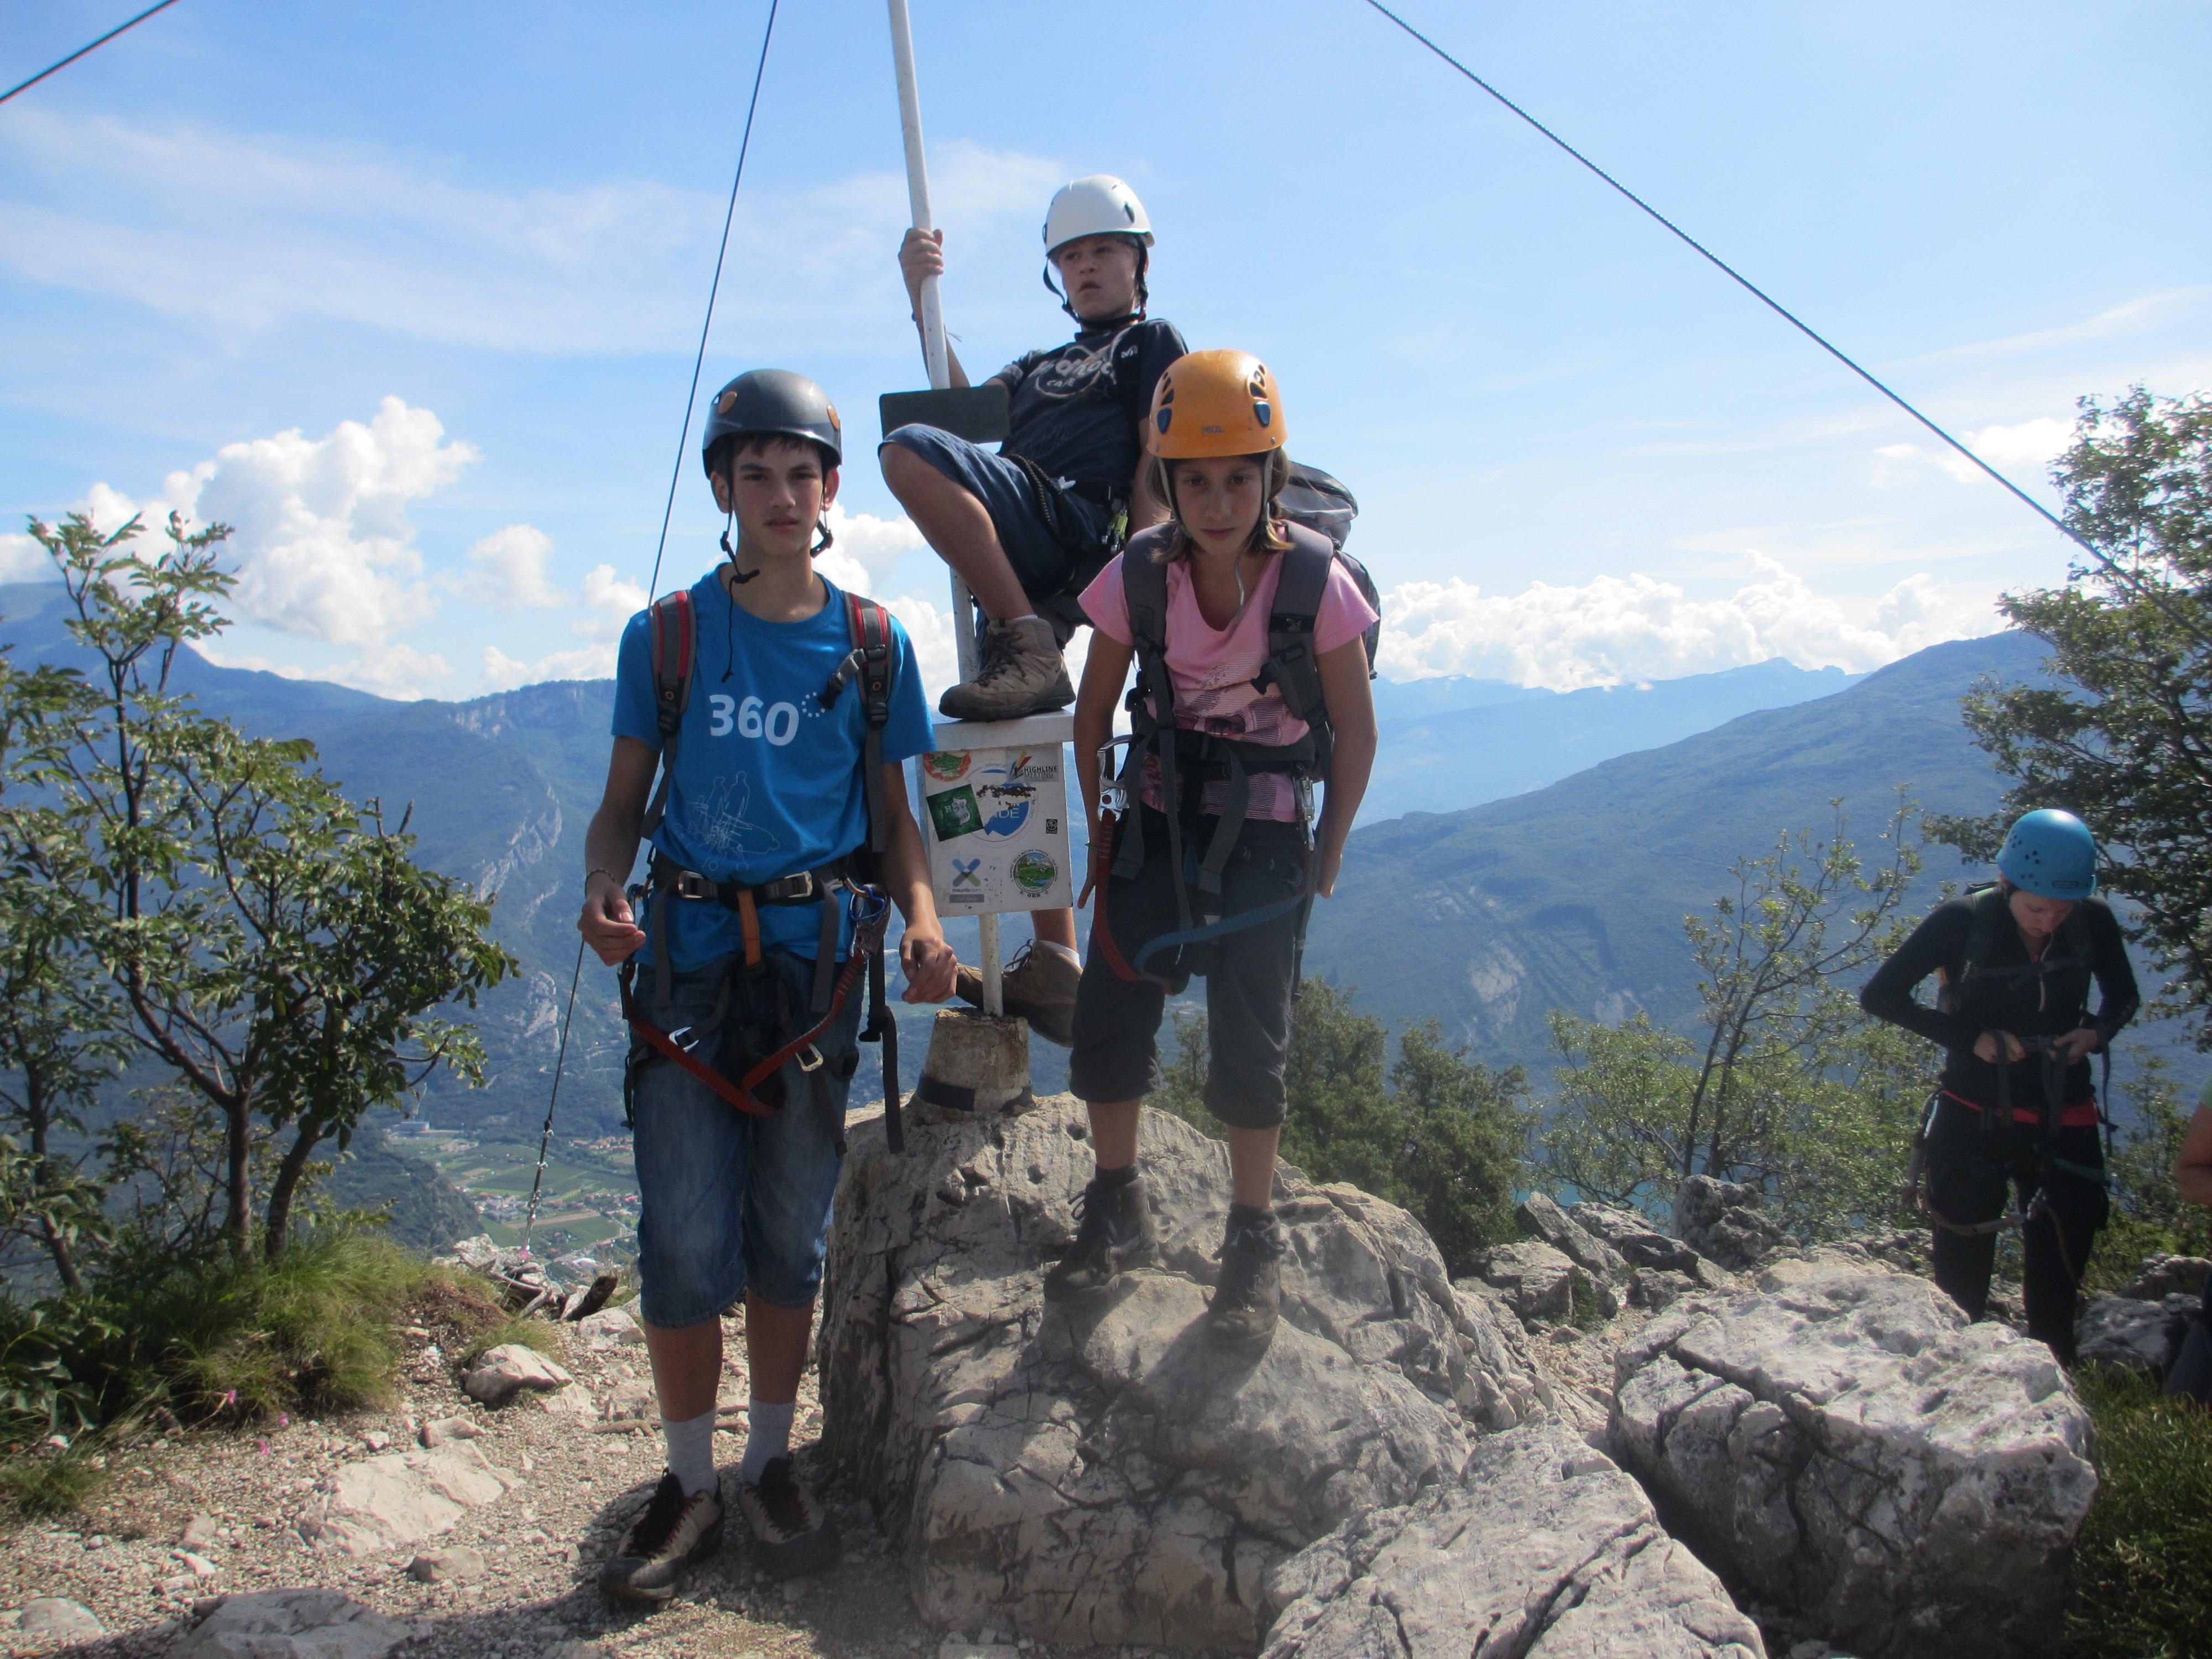 Klettersteig Cima Capi : Klettersteig susatti cima capi gardasee